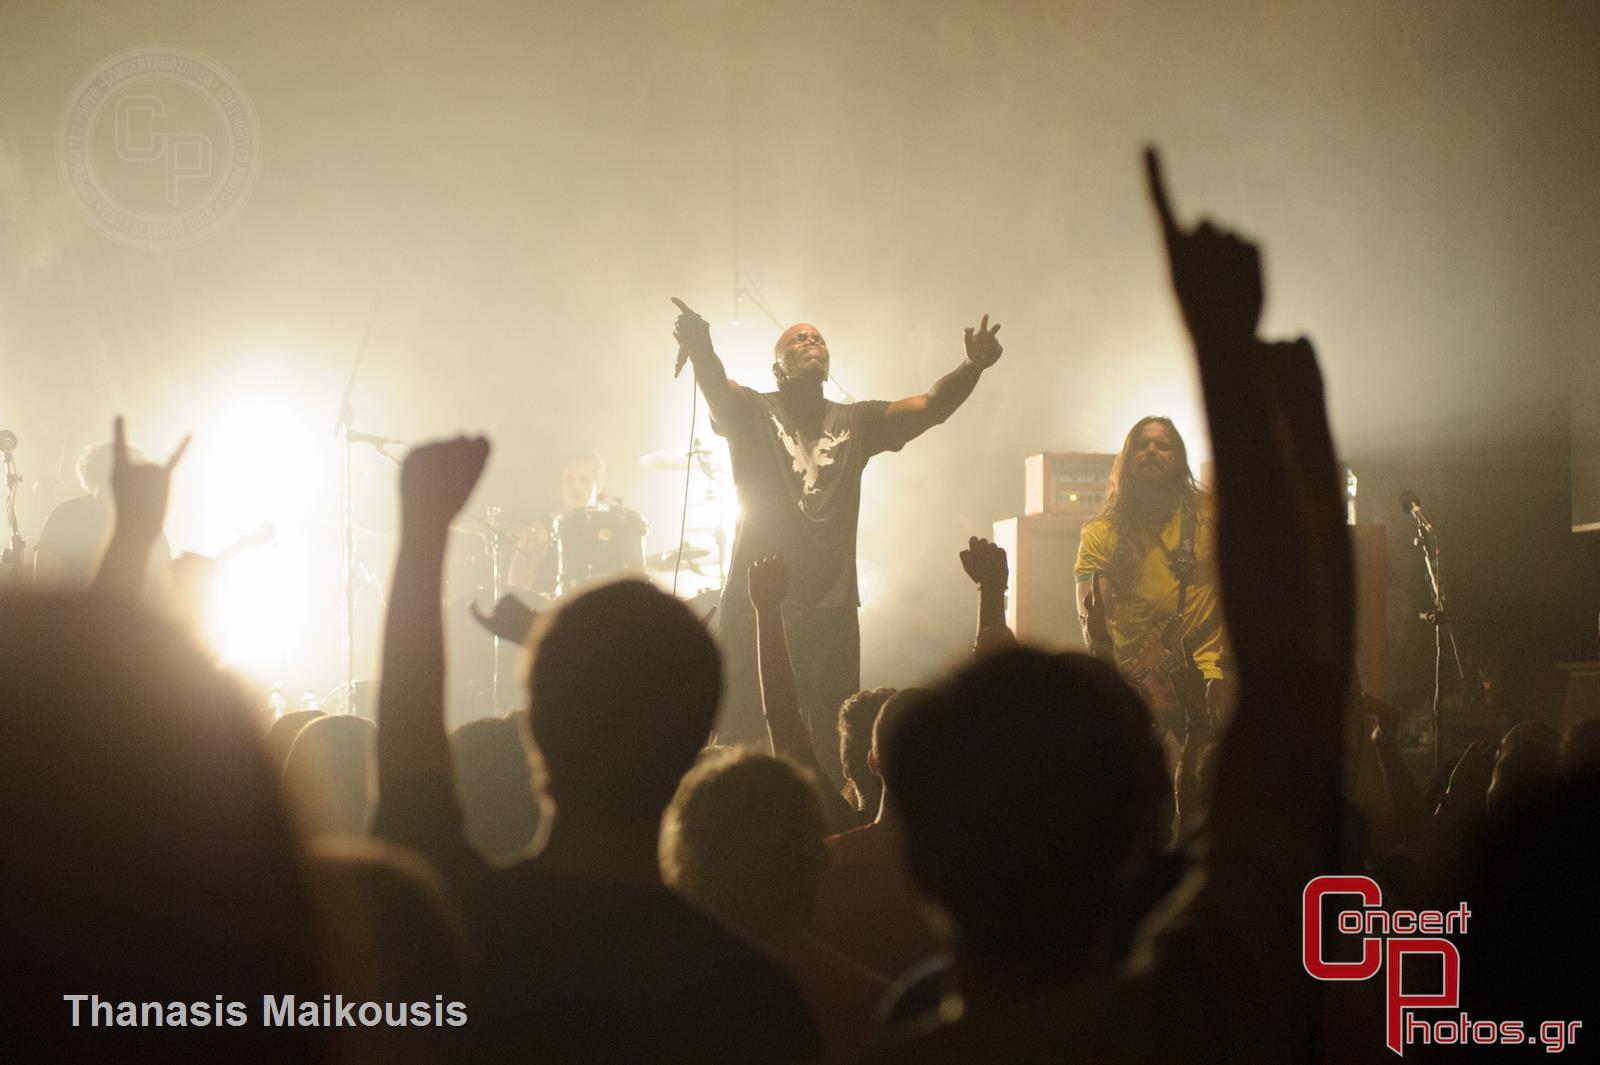 Sepultura-Sepultira photographer: Thanasis Maikousis - concertphotos_20140703_22_35_24